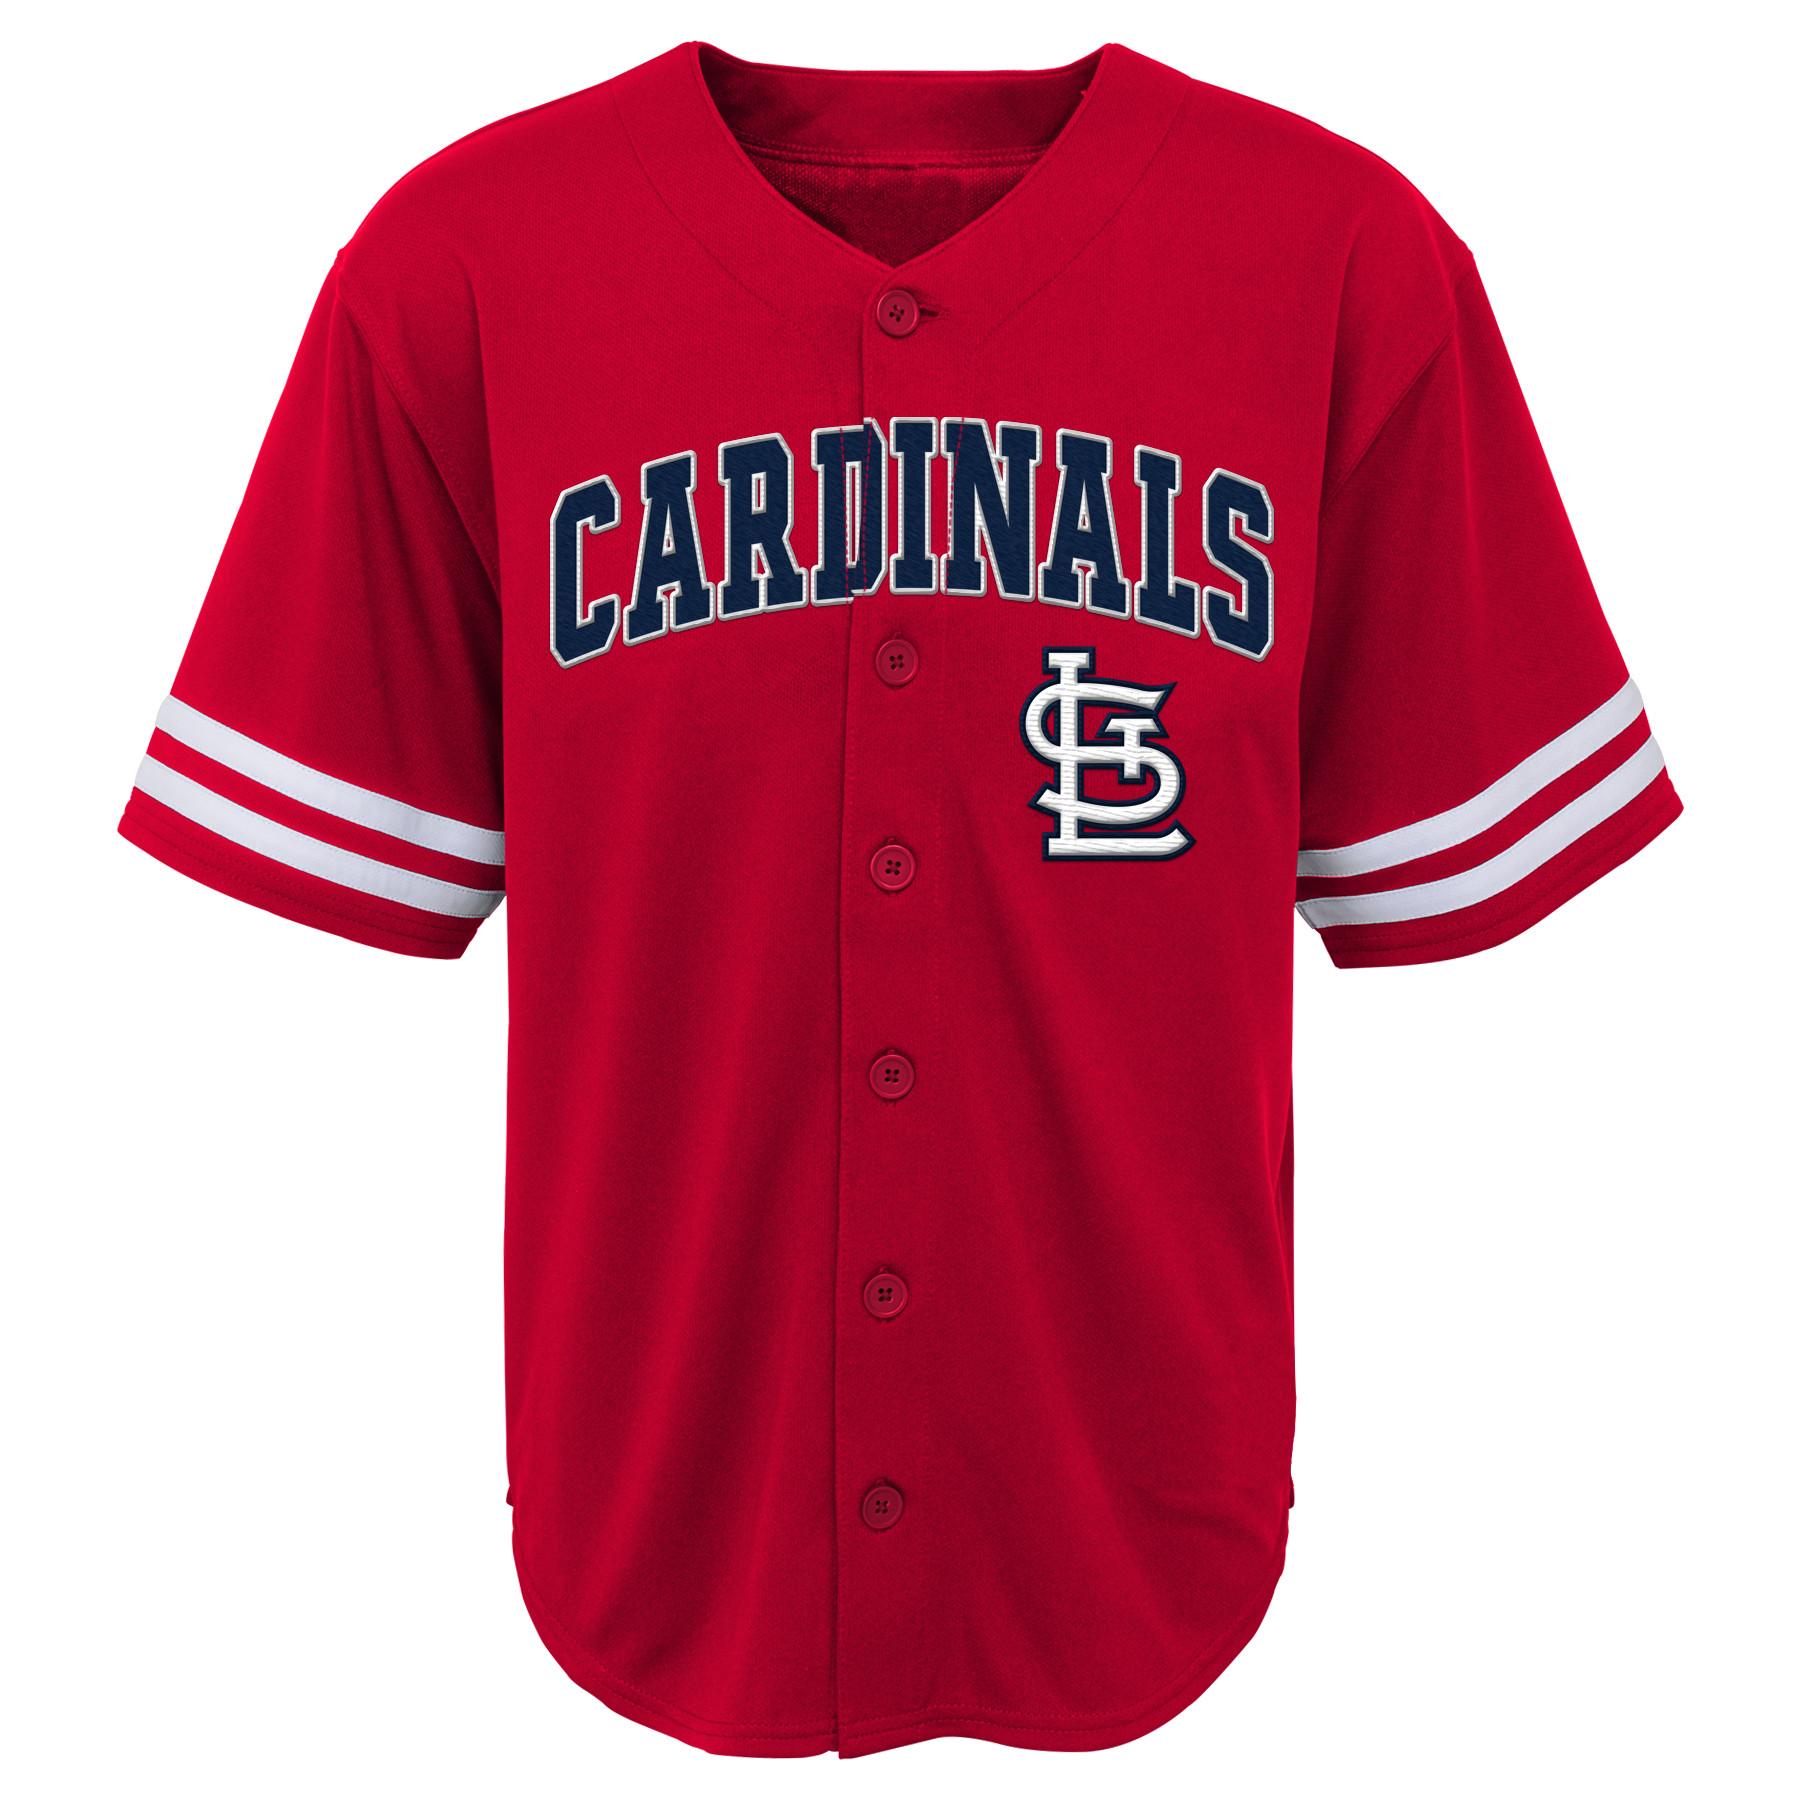 7dfda6b710af St. Louis Cardinals Team Shop - Walmart.com